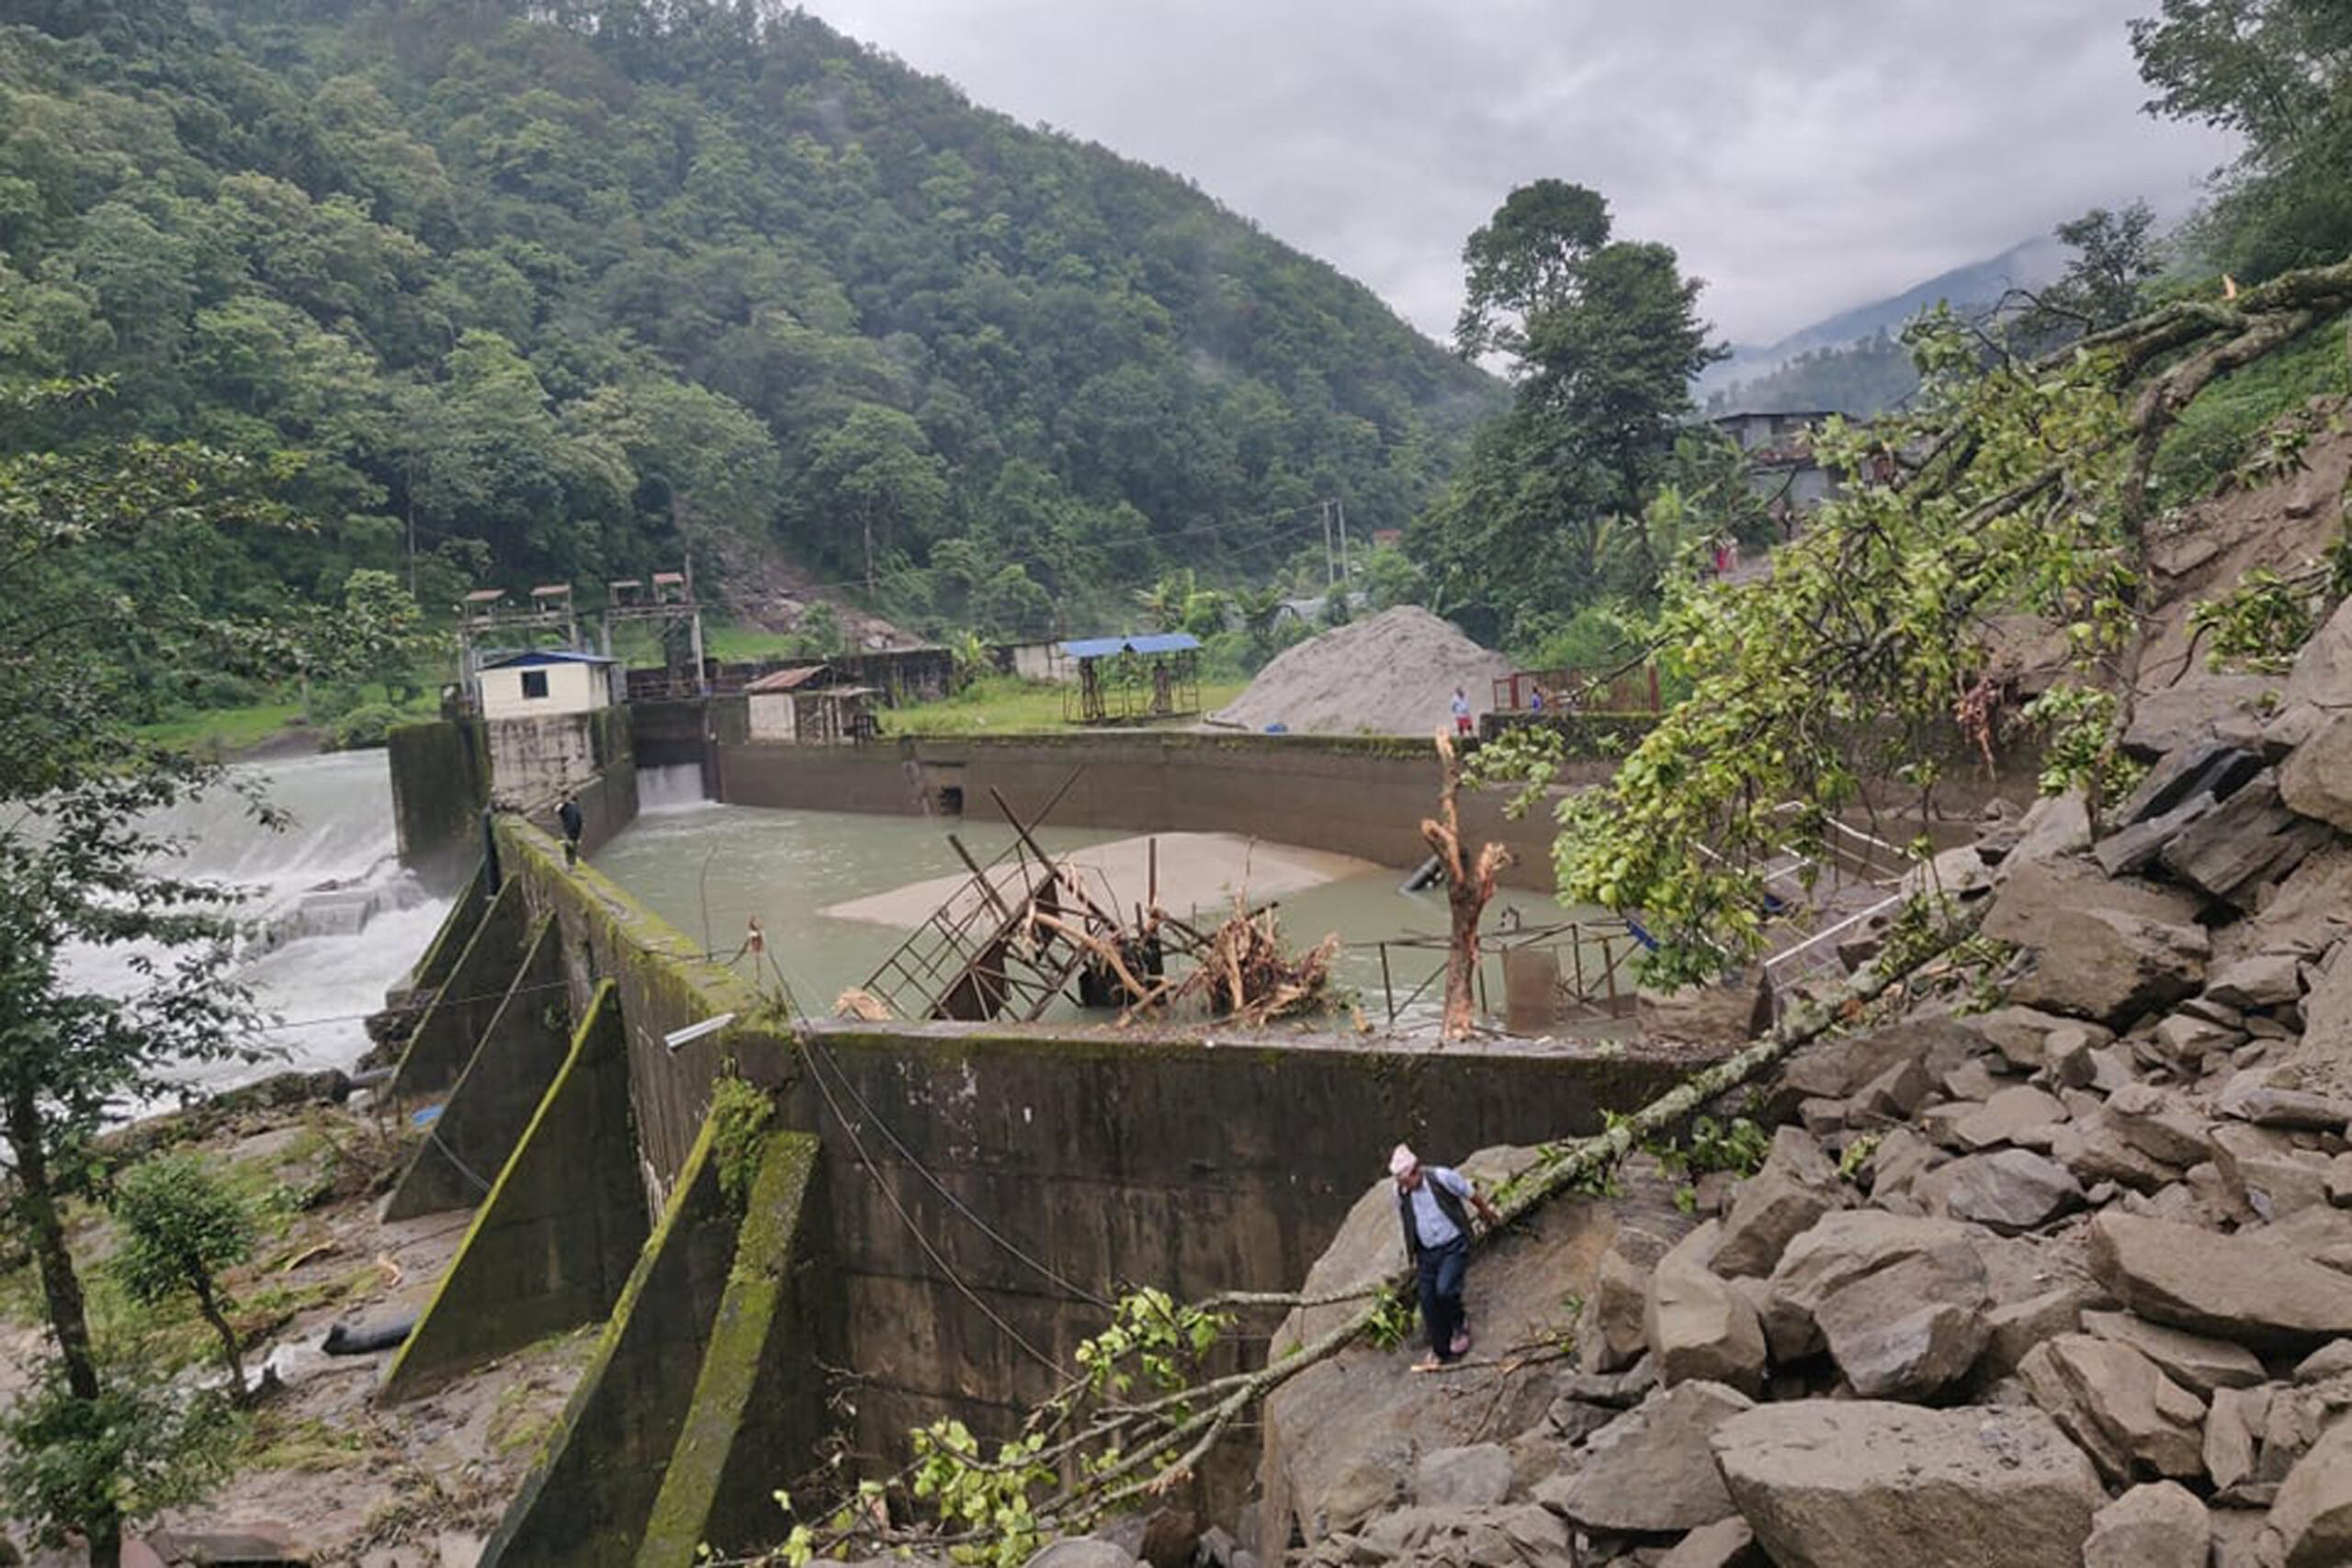 जलविद्युत् आयोजनामा भीषण पहिरो, मानव बस्तीसमेत जोखिममा